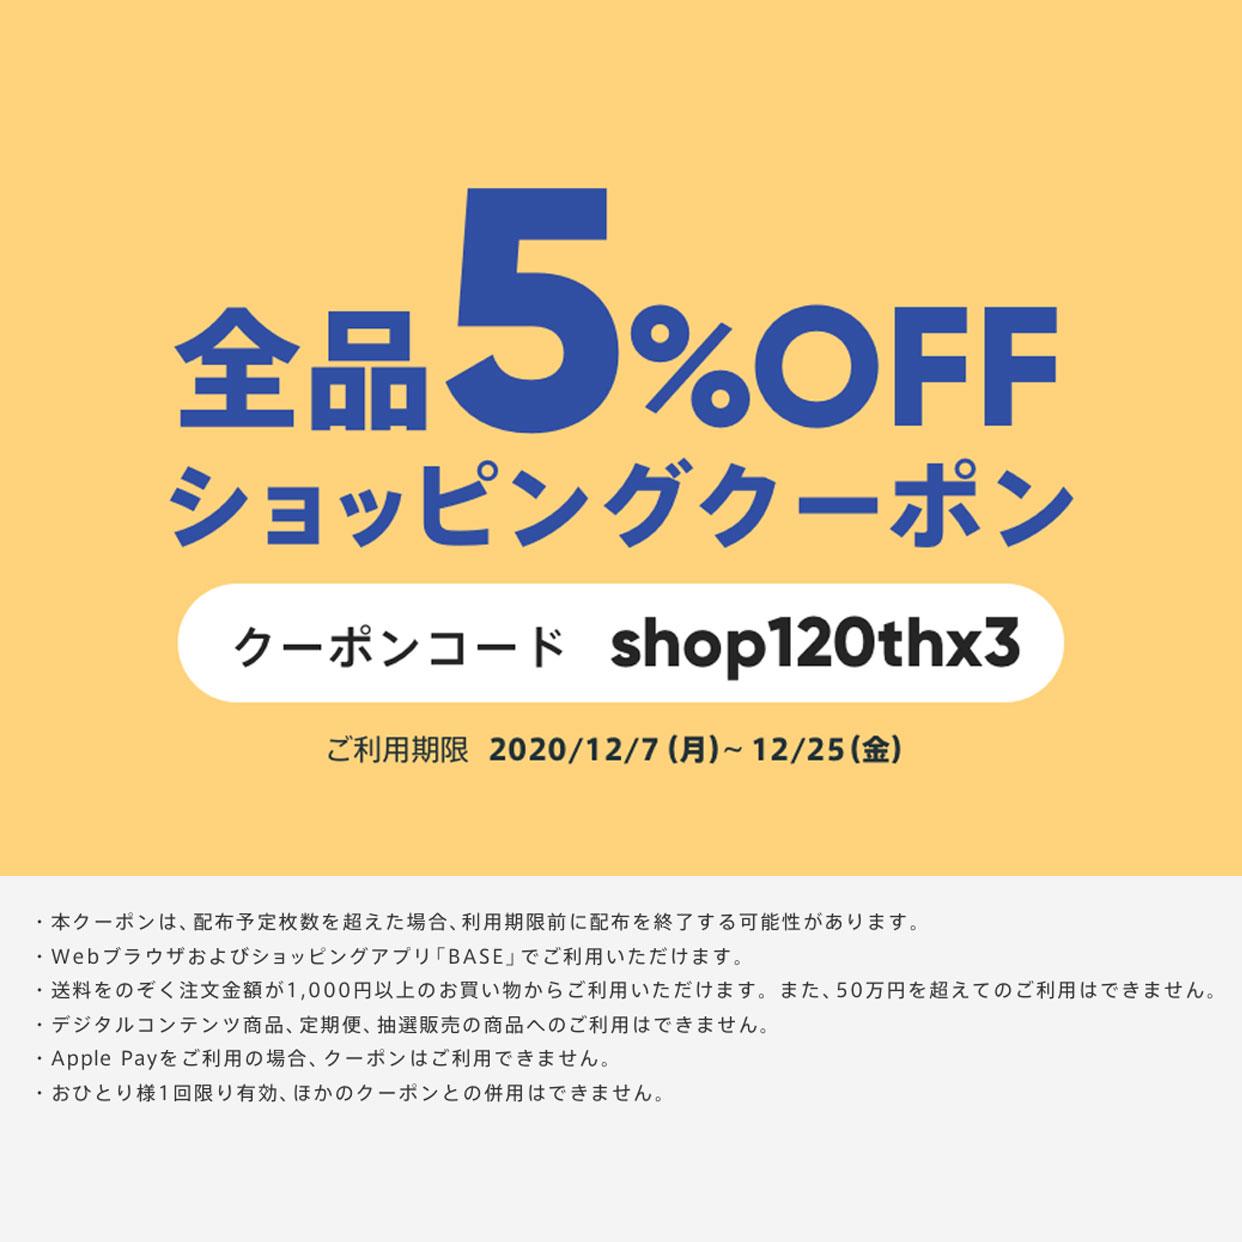 ★期間限定!★5%OFFショッピングクーポン!2020/12/7(月)~12/25(金)